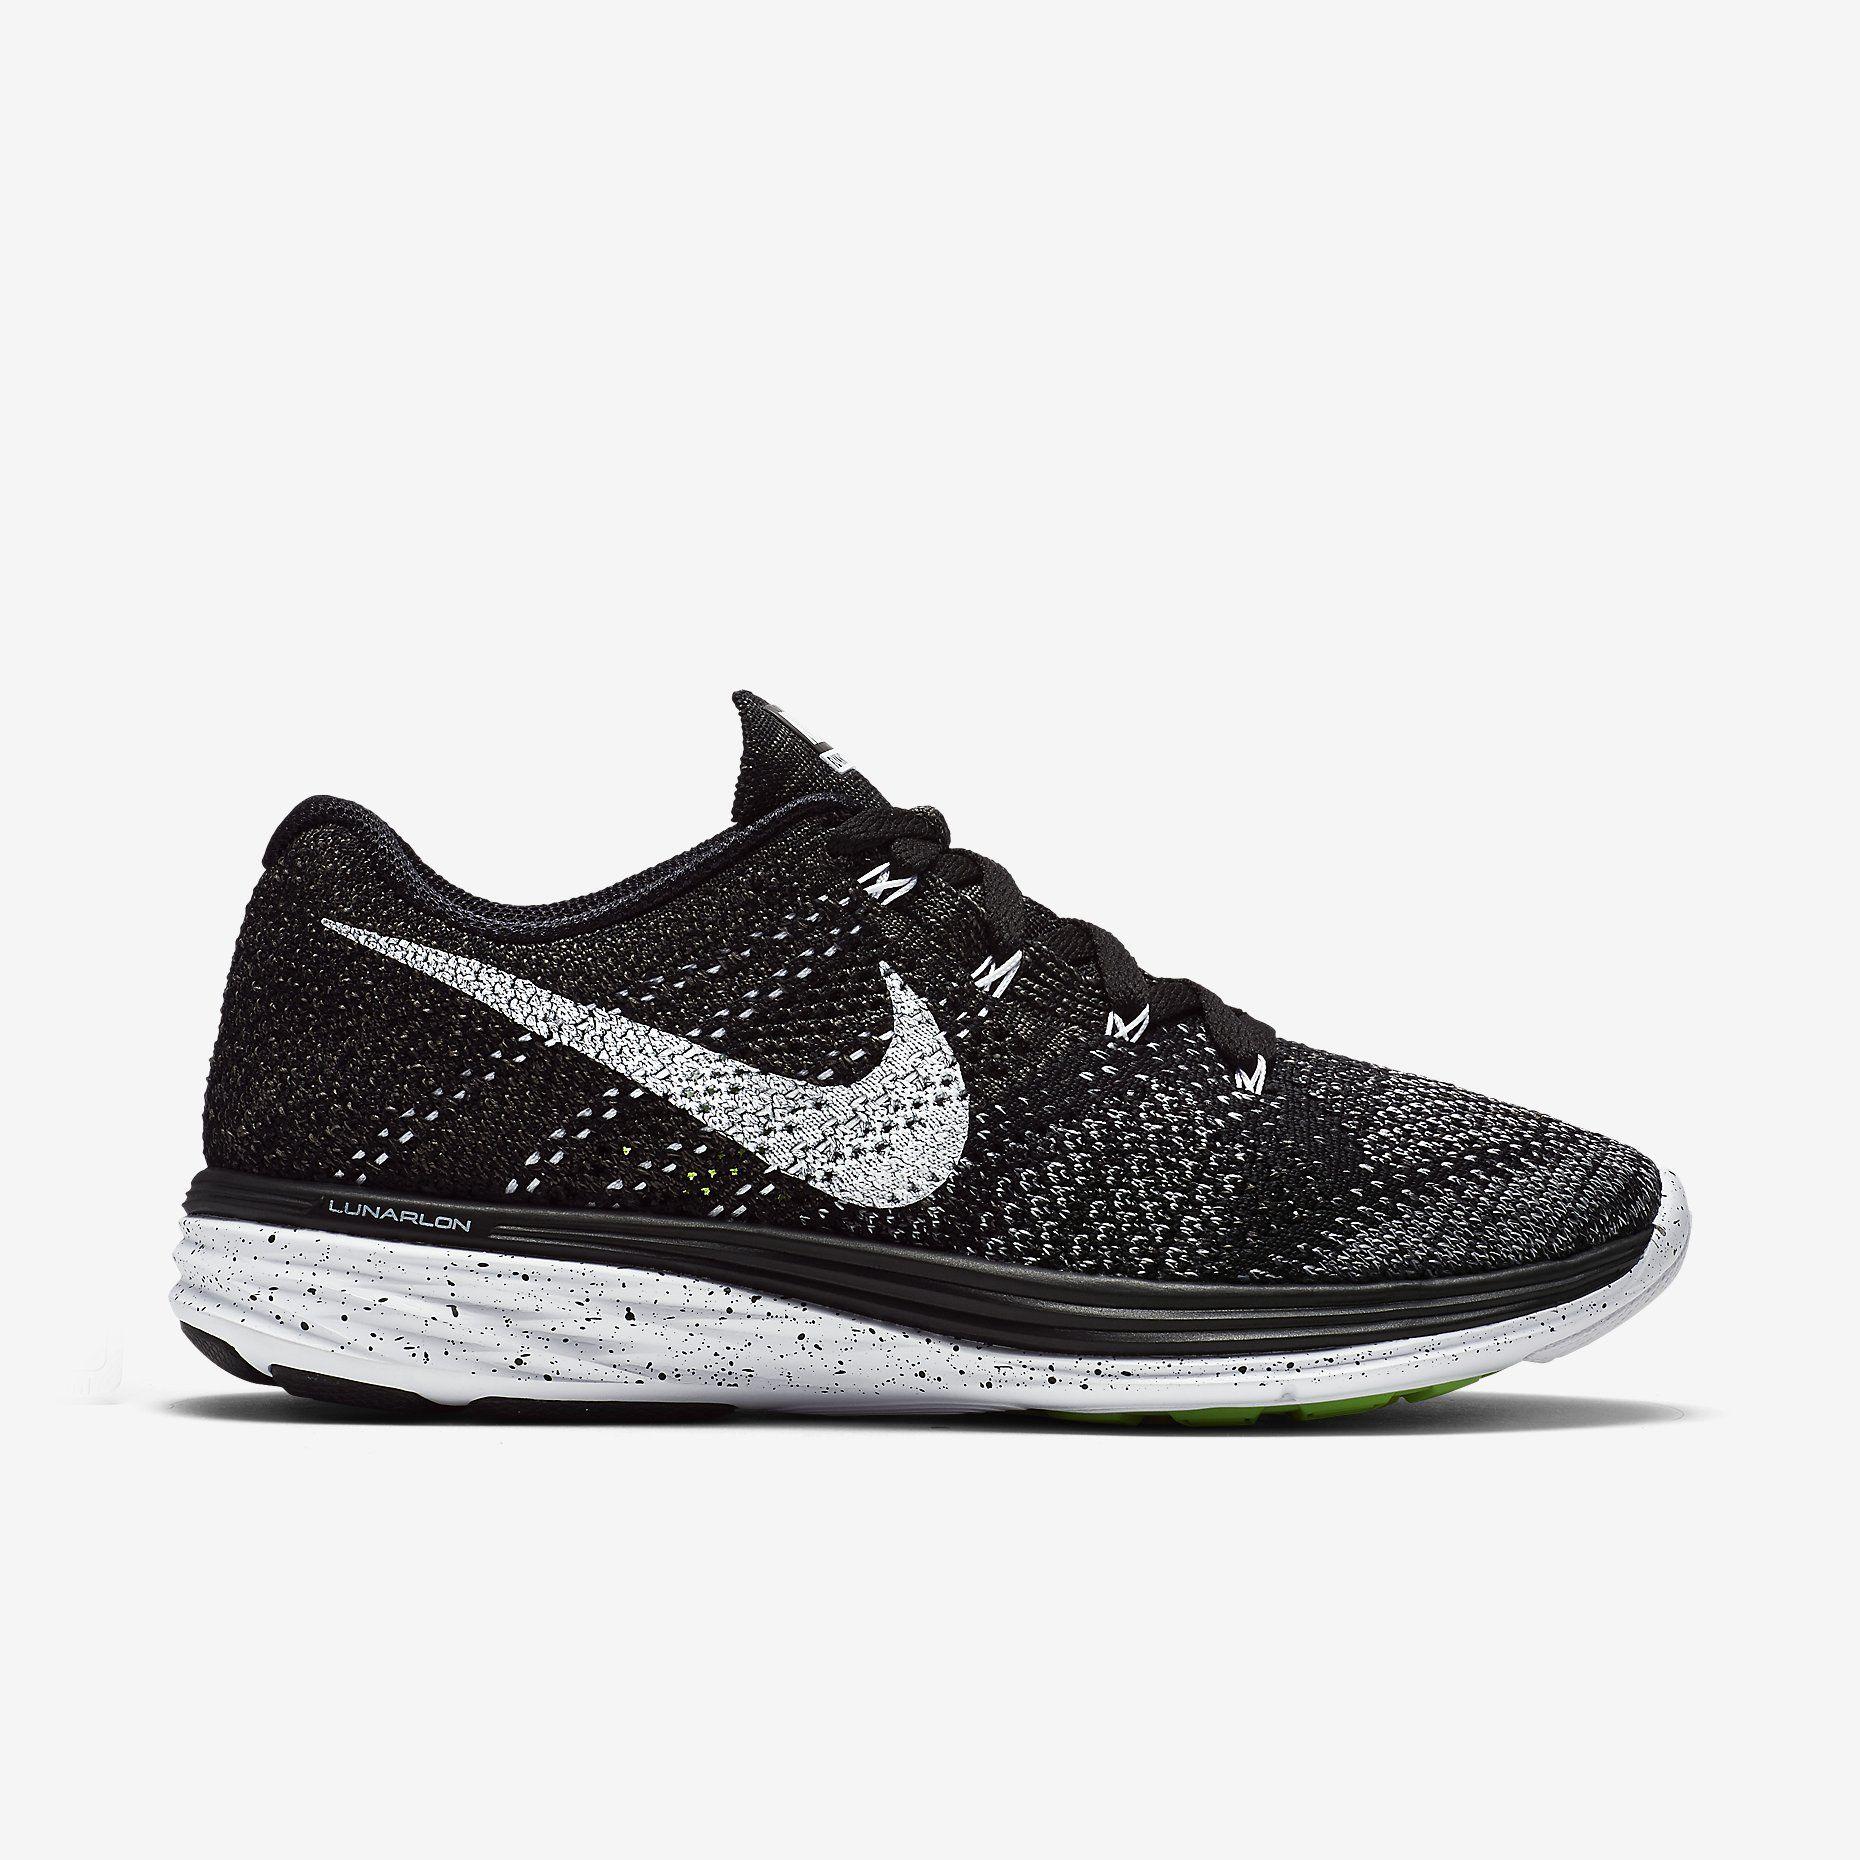 promo code 4bd65 eb3c3 Nike Flyknit Lunar 3 Women s Running Shoe. Nike Store